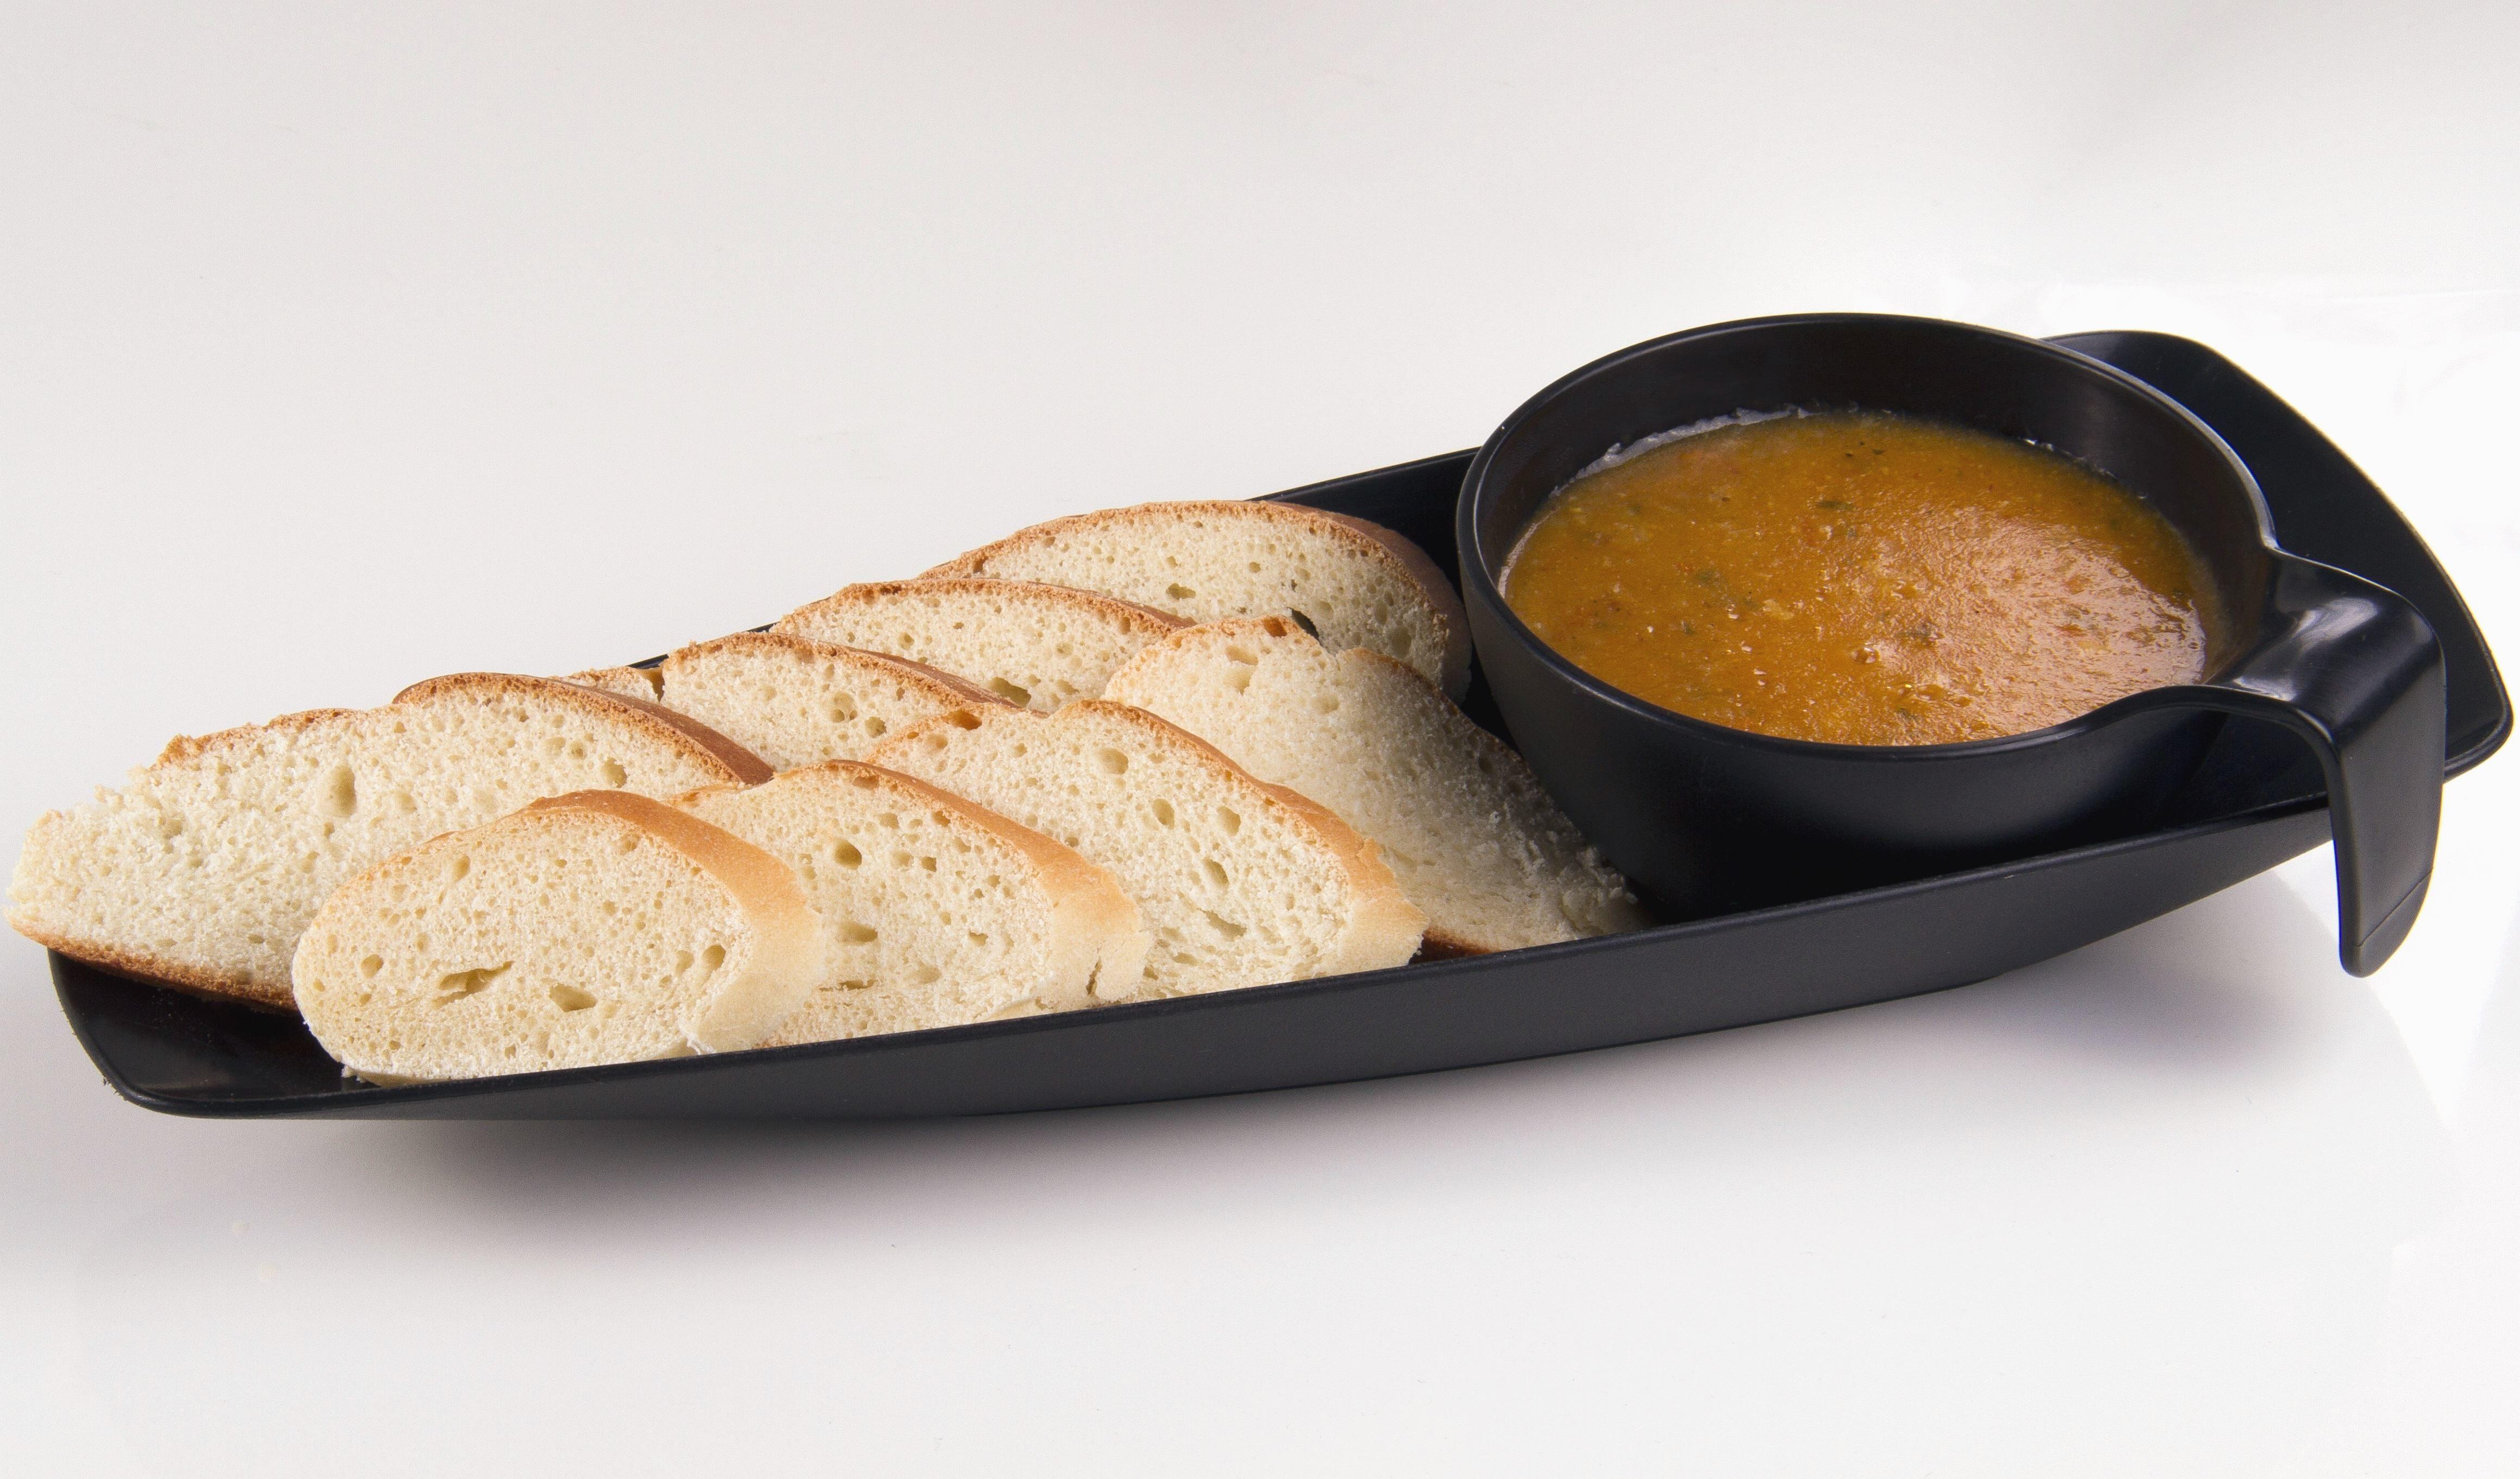 Kostenlose Bild Brot Sauce Schussel Essen Backerei Mittagessen Gourmet Kuche